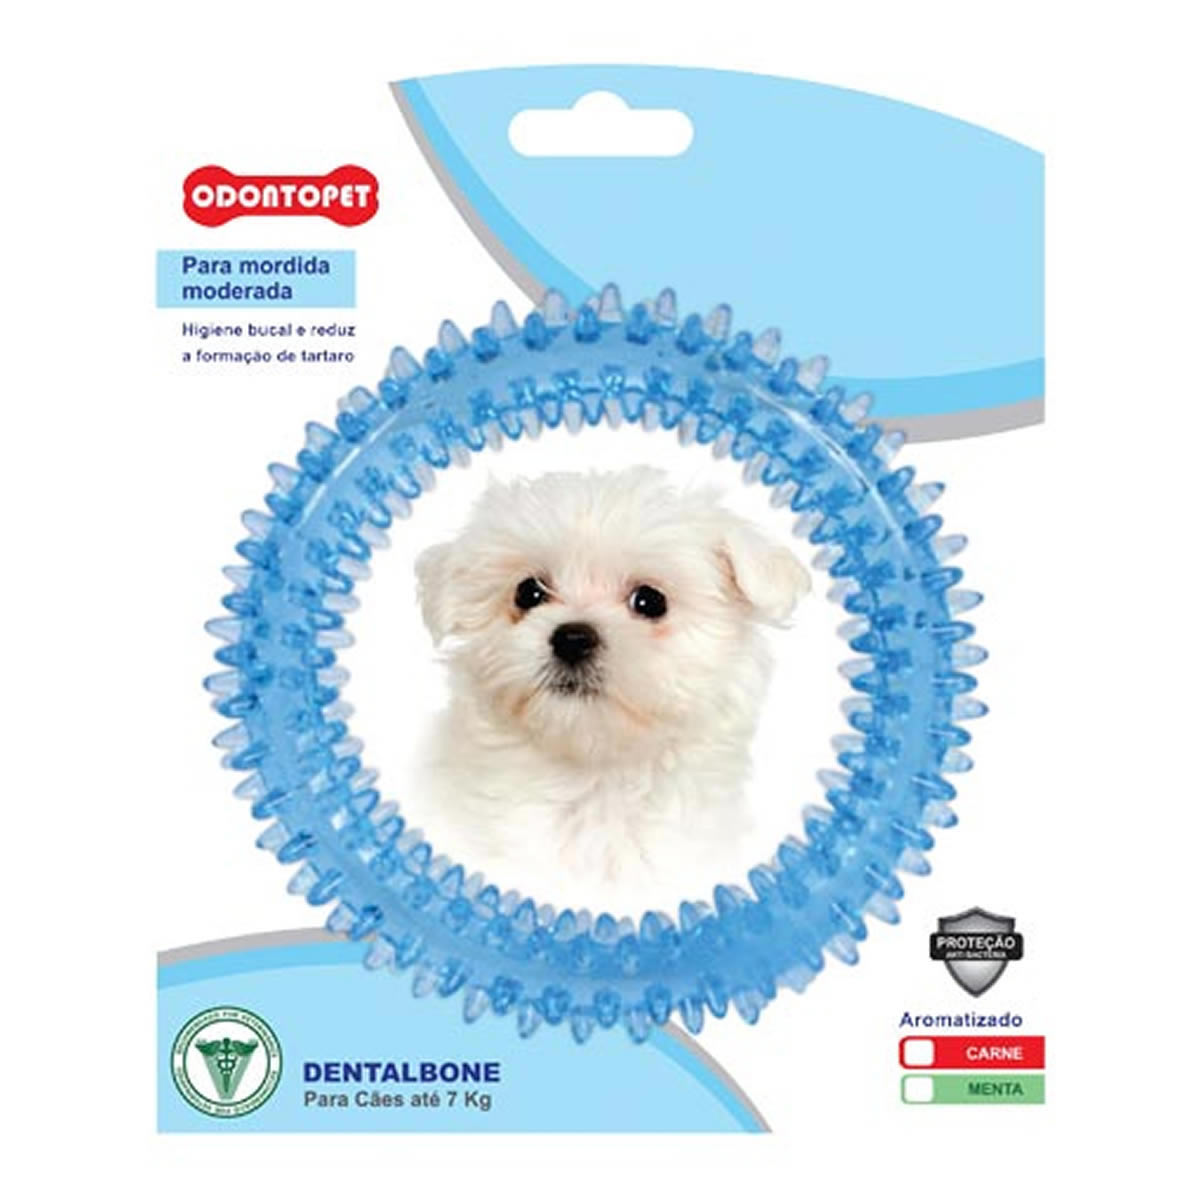 Brinquedo para Cachorro Argola Dentalbone Odontopet Azul